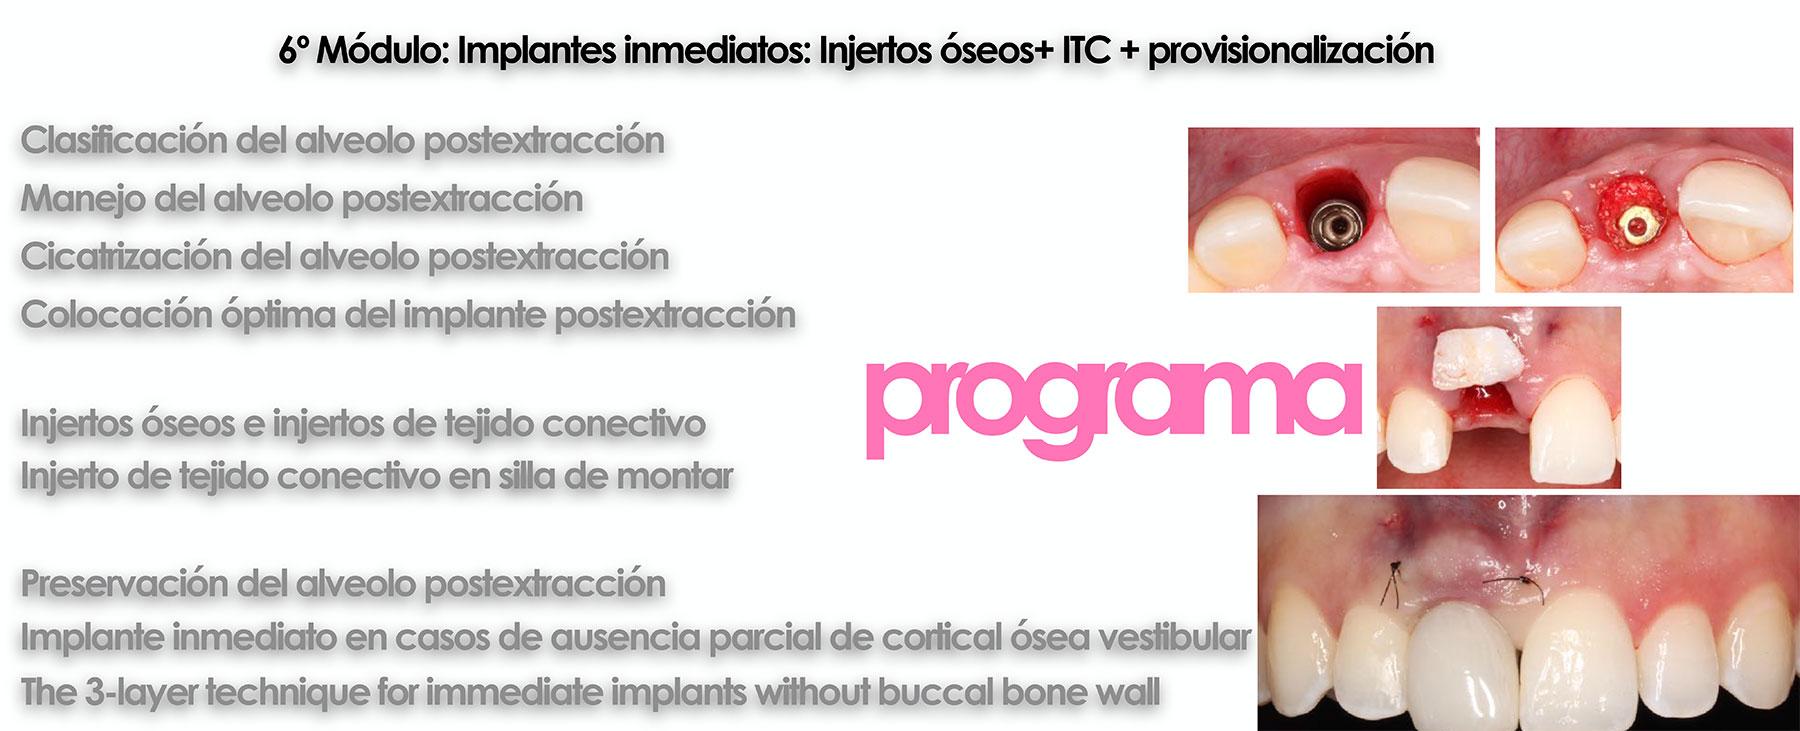 Curso cirugía periodontal e implantológica 21